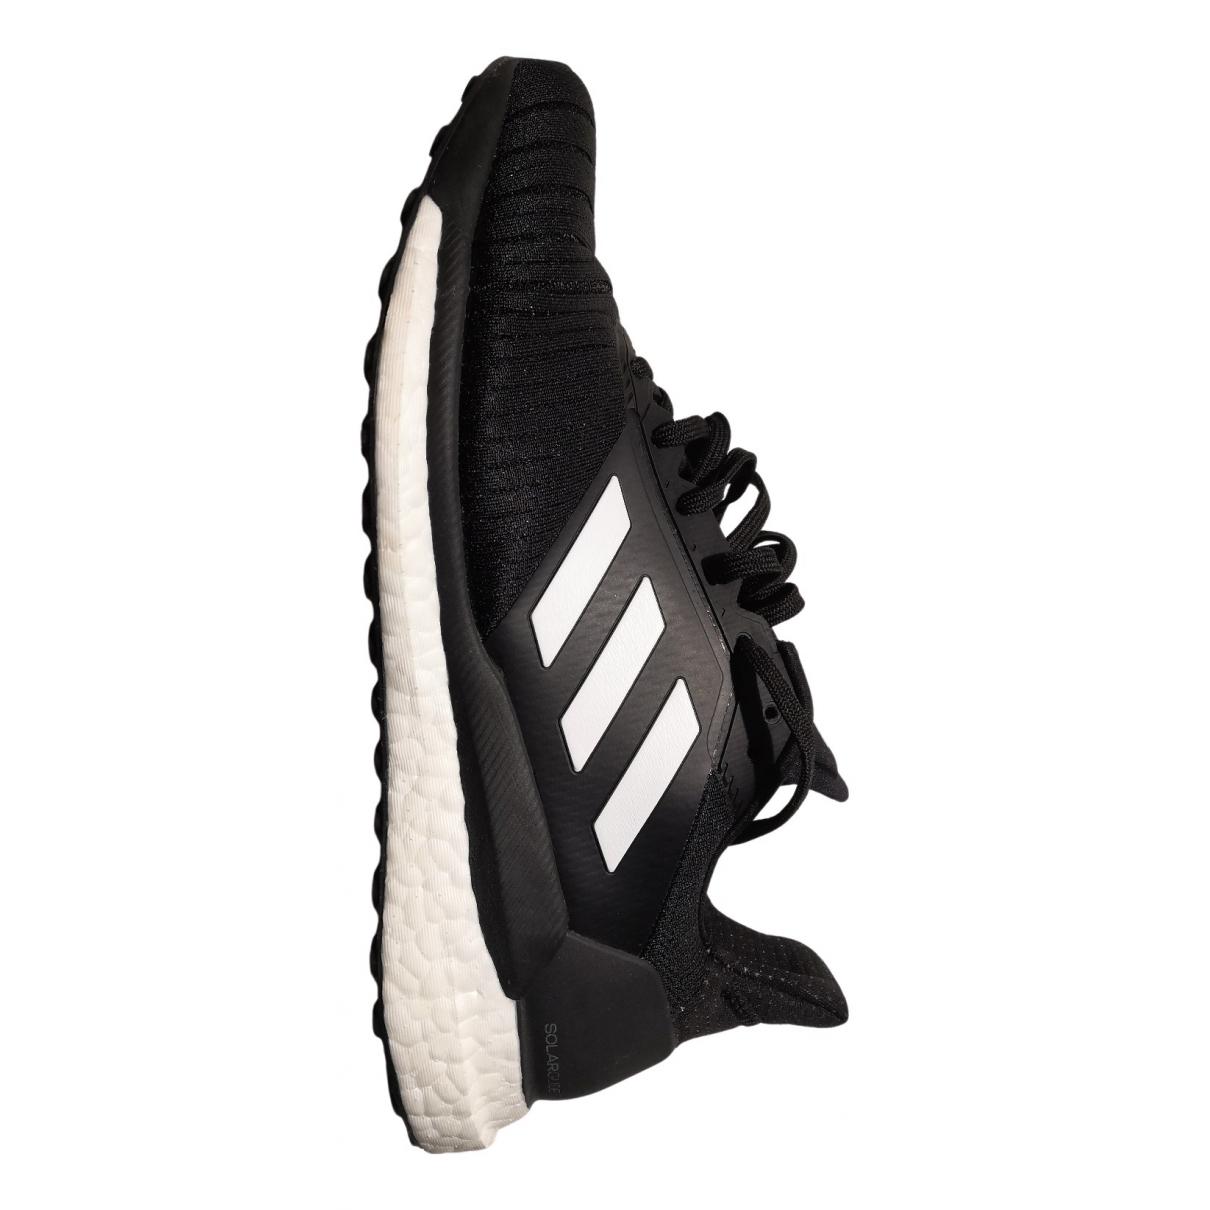 Adidas - Baskets   pour homme en caoutchouc - noir